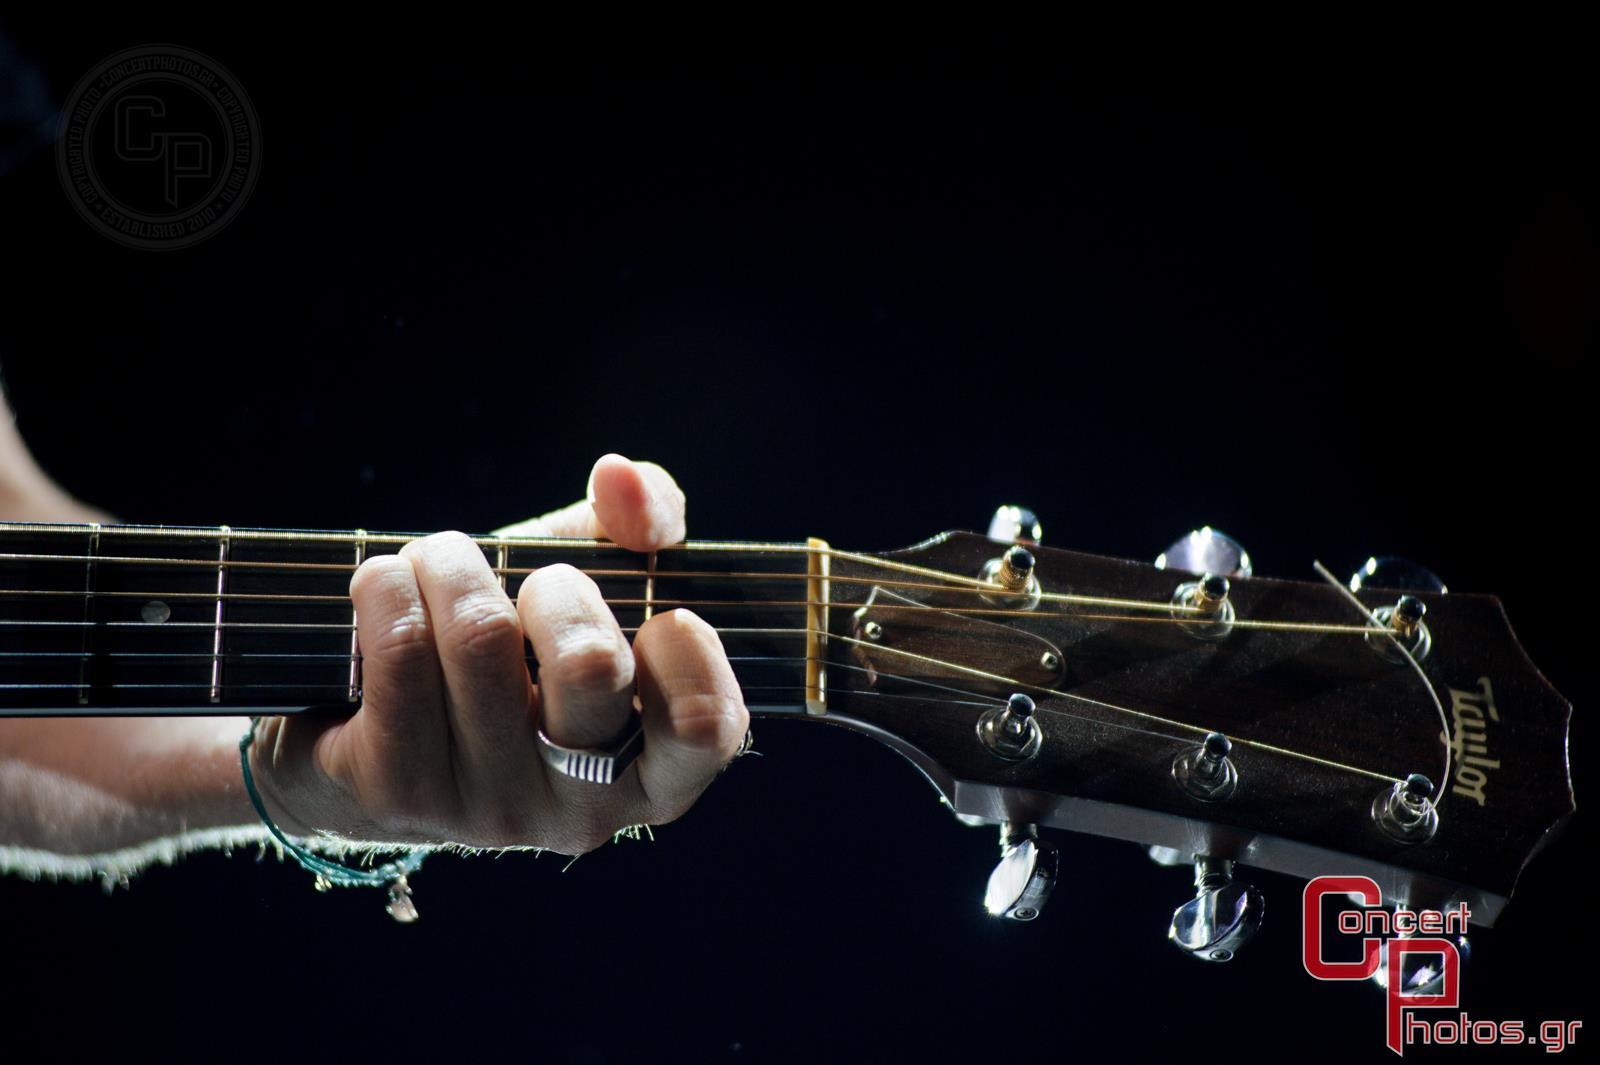 Μία συναυλία για τη Σχεδία 2014-Sxedia 2014 photographer:  - concertphotos_20140526_21_38_03